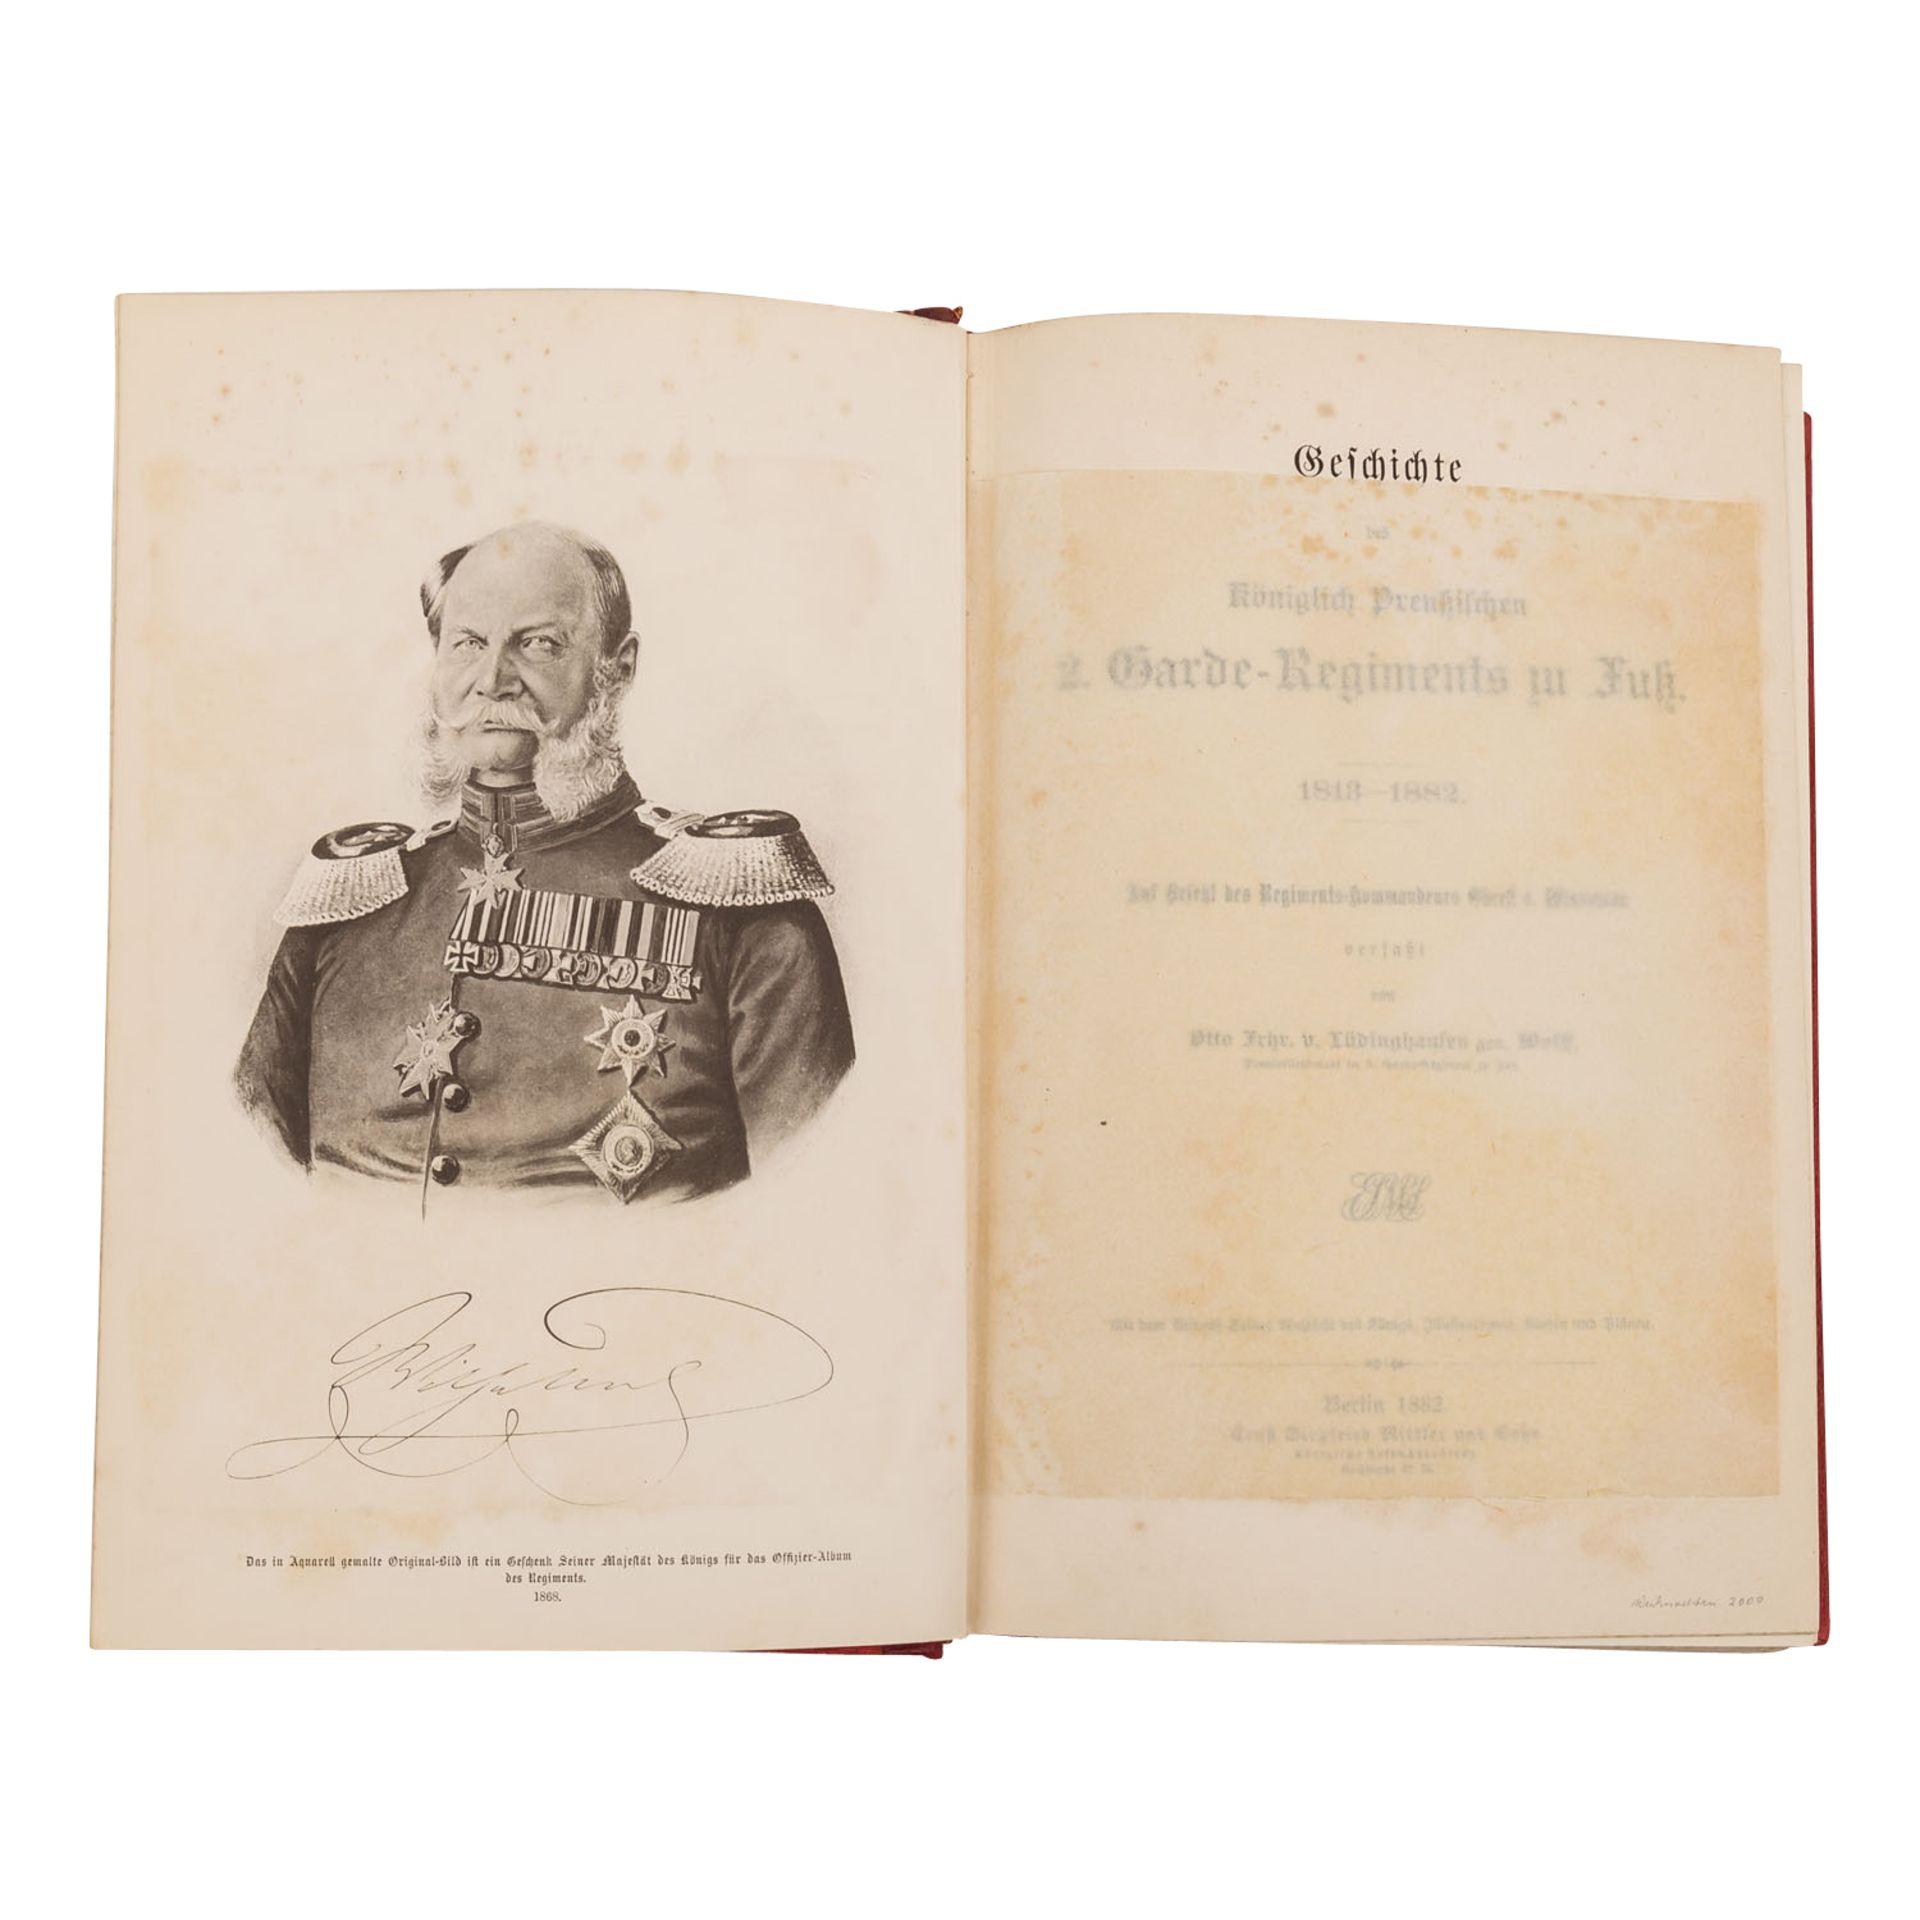 Geschichte des Königlich Preußischen 2. Garde-Regiments - Bild 3 aus 3